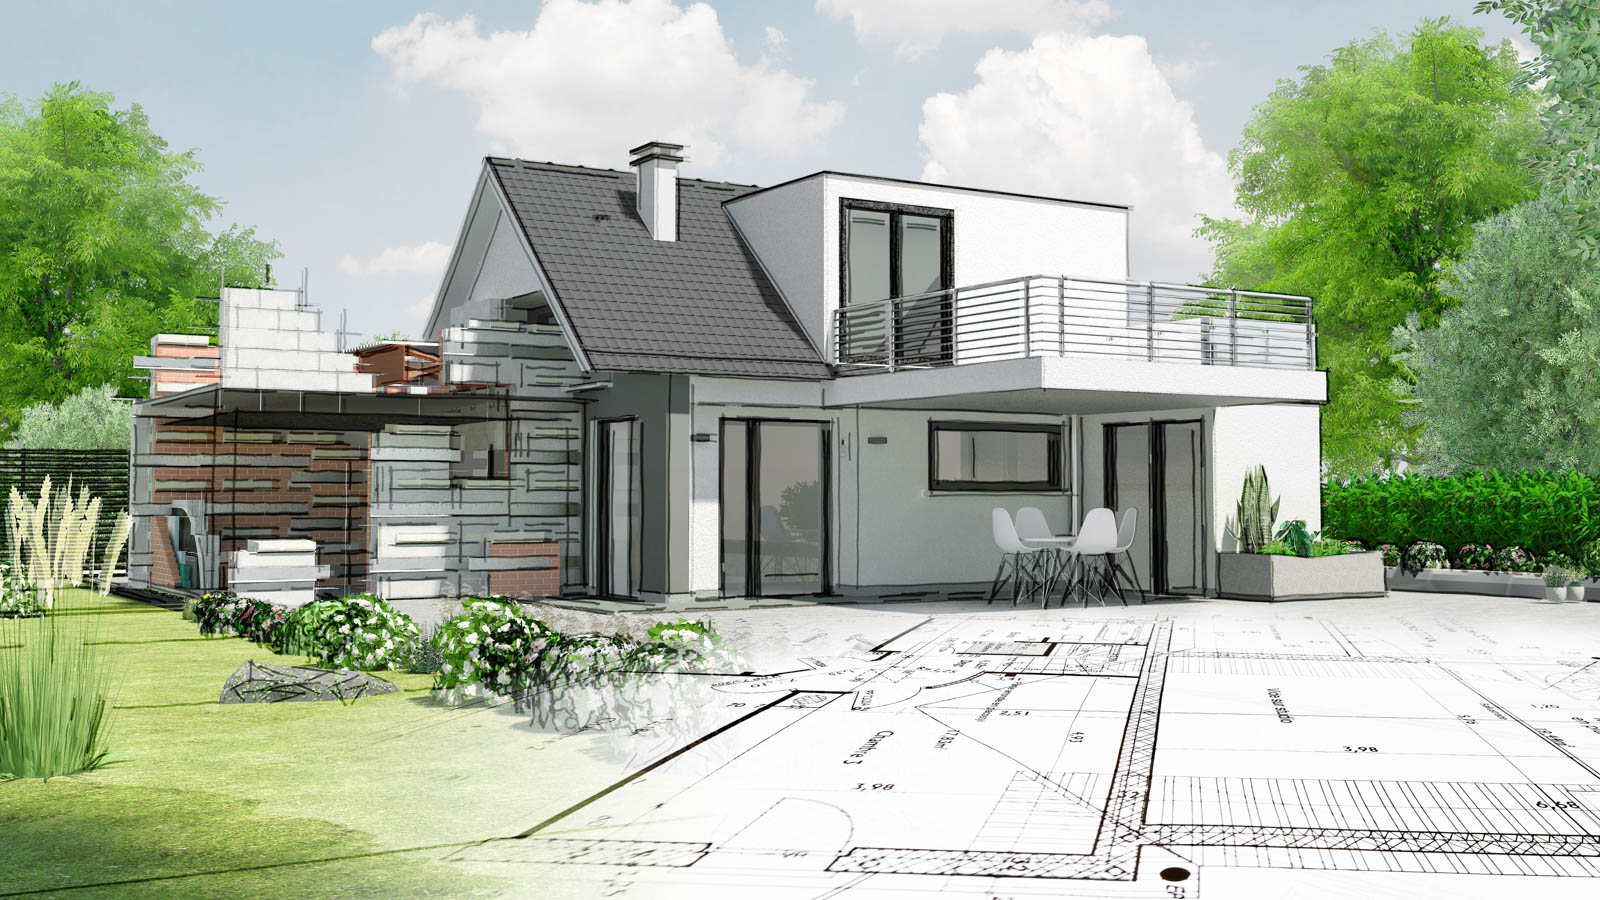 Neubauten, Anbauten, Umbauten, Wohnraumerweiterungen